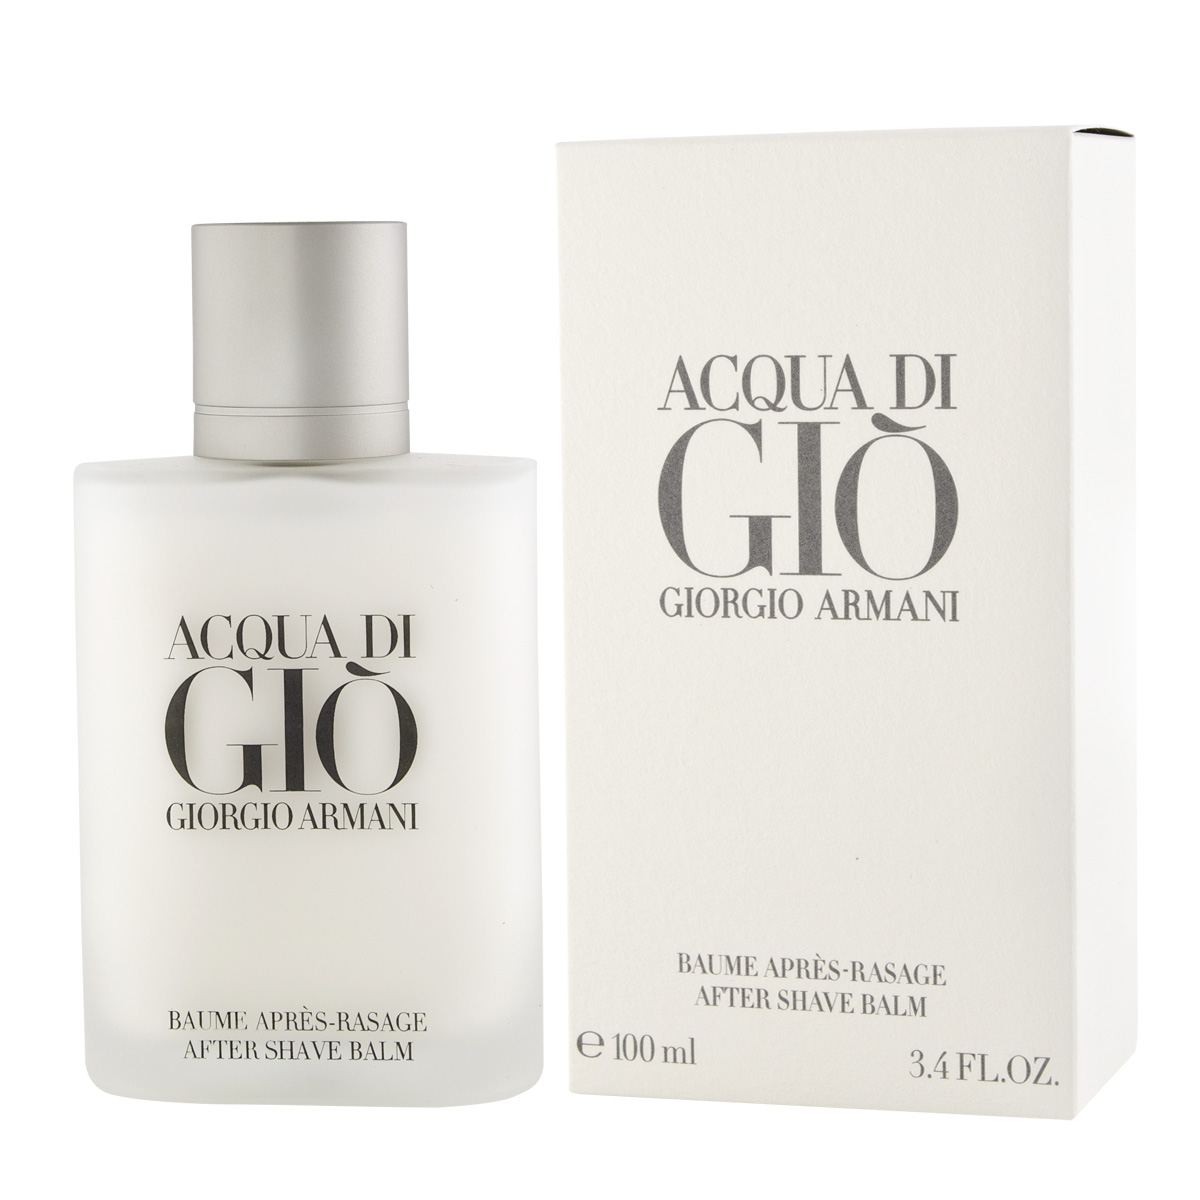 Armani Giorgio Acqua di Gio Pour Homme ASB 100 ml M